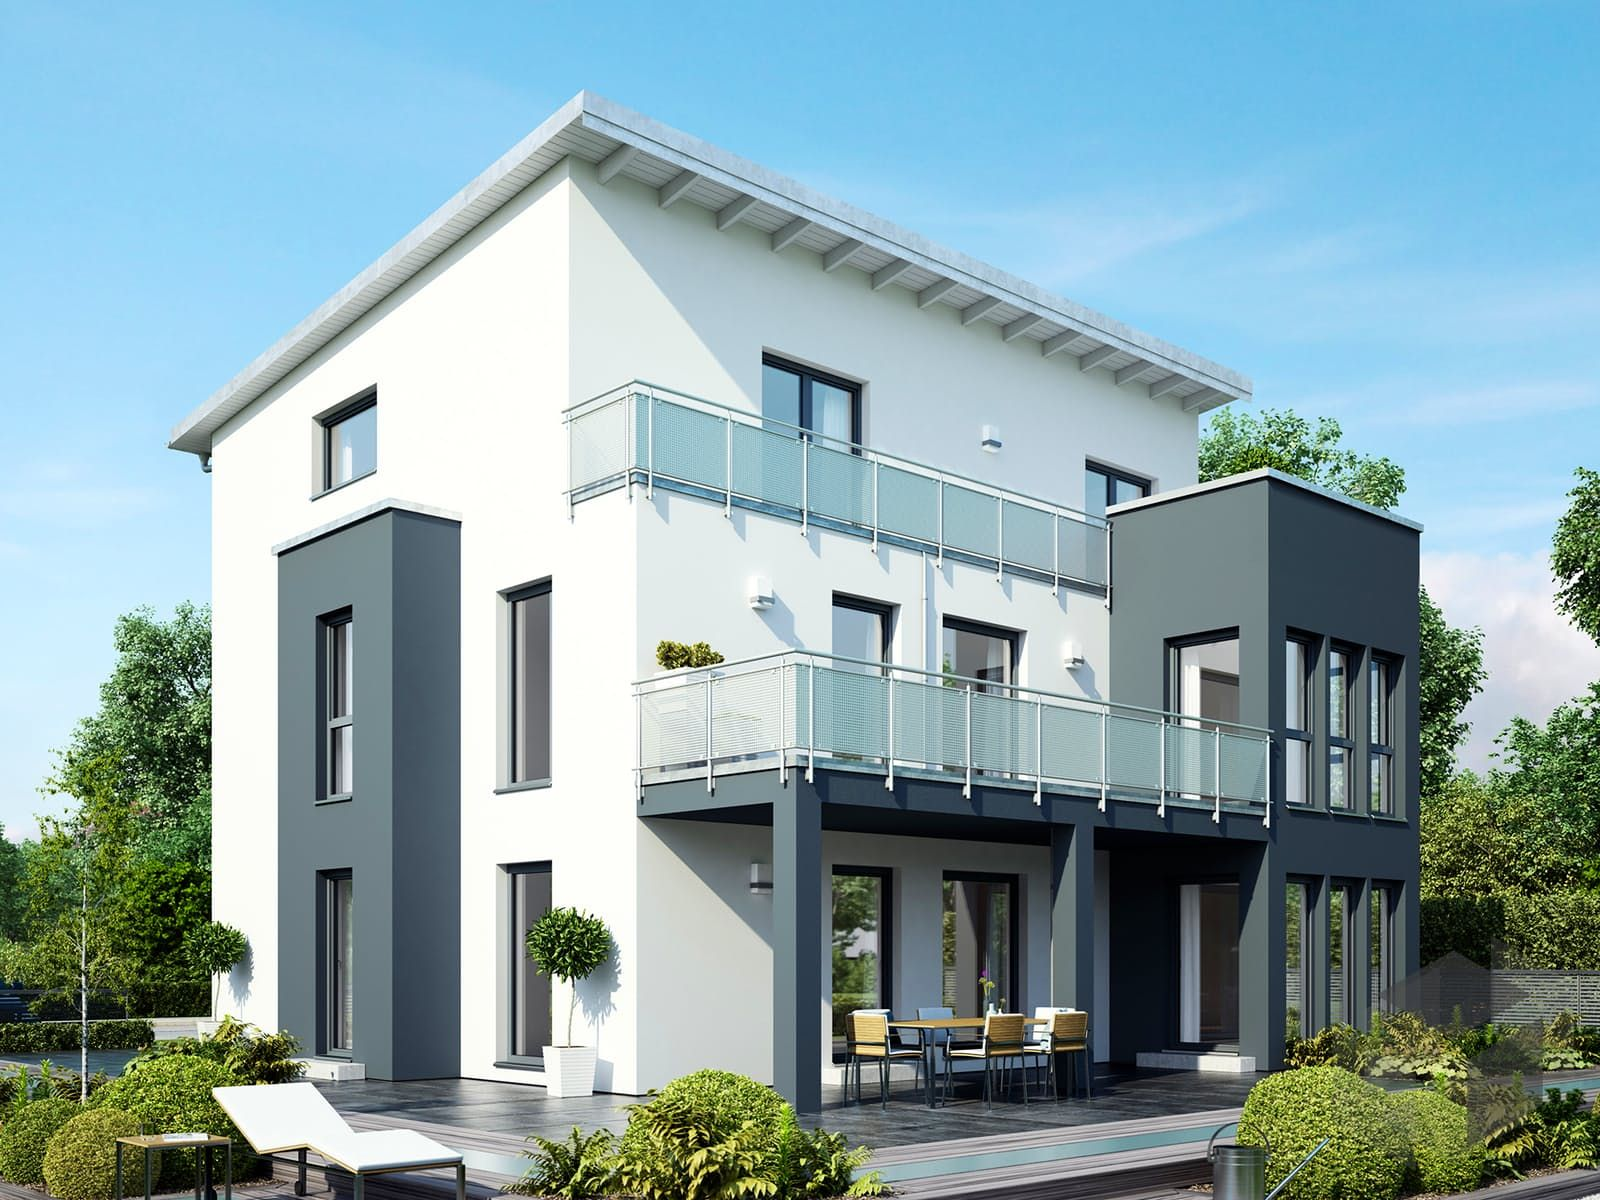 Finde eine große Auswahl an Häusern mit Pultdächern beim